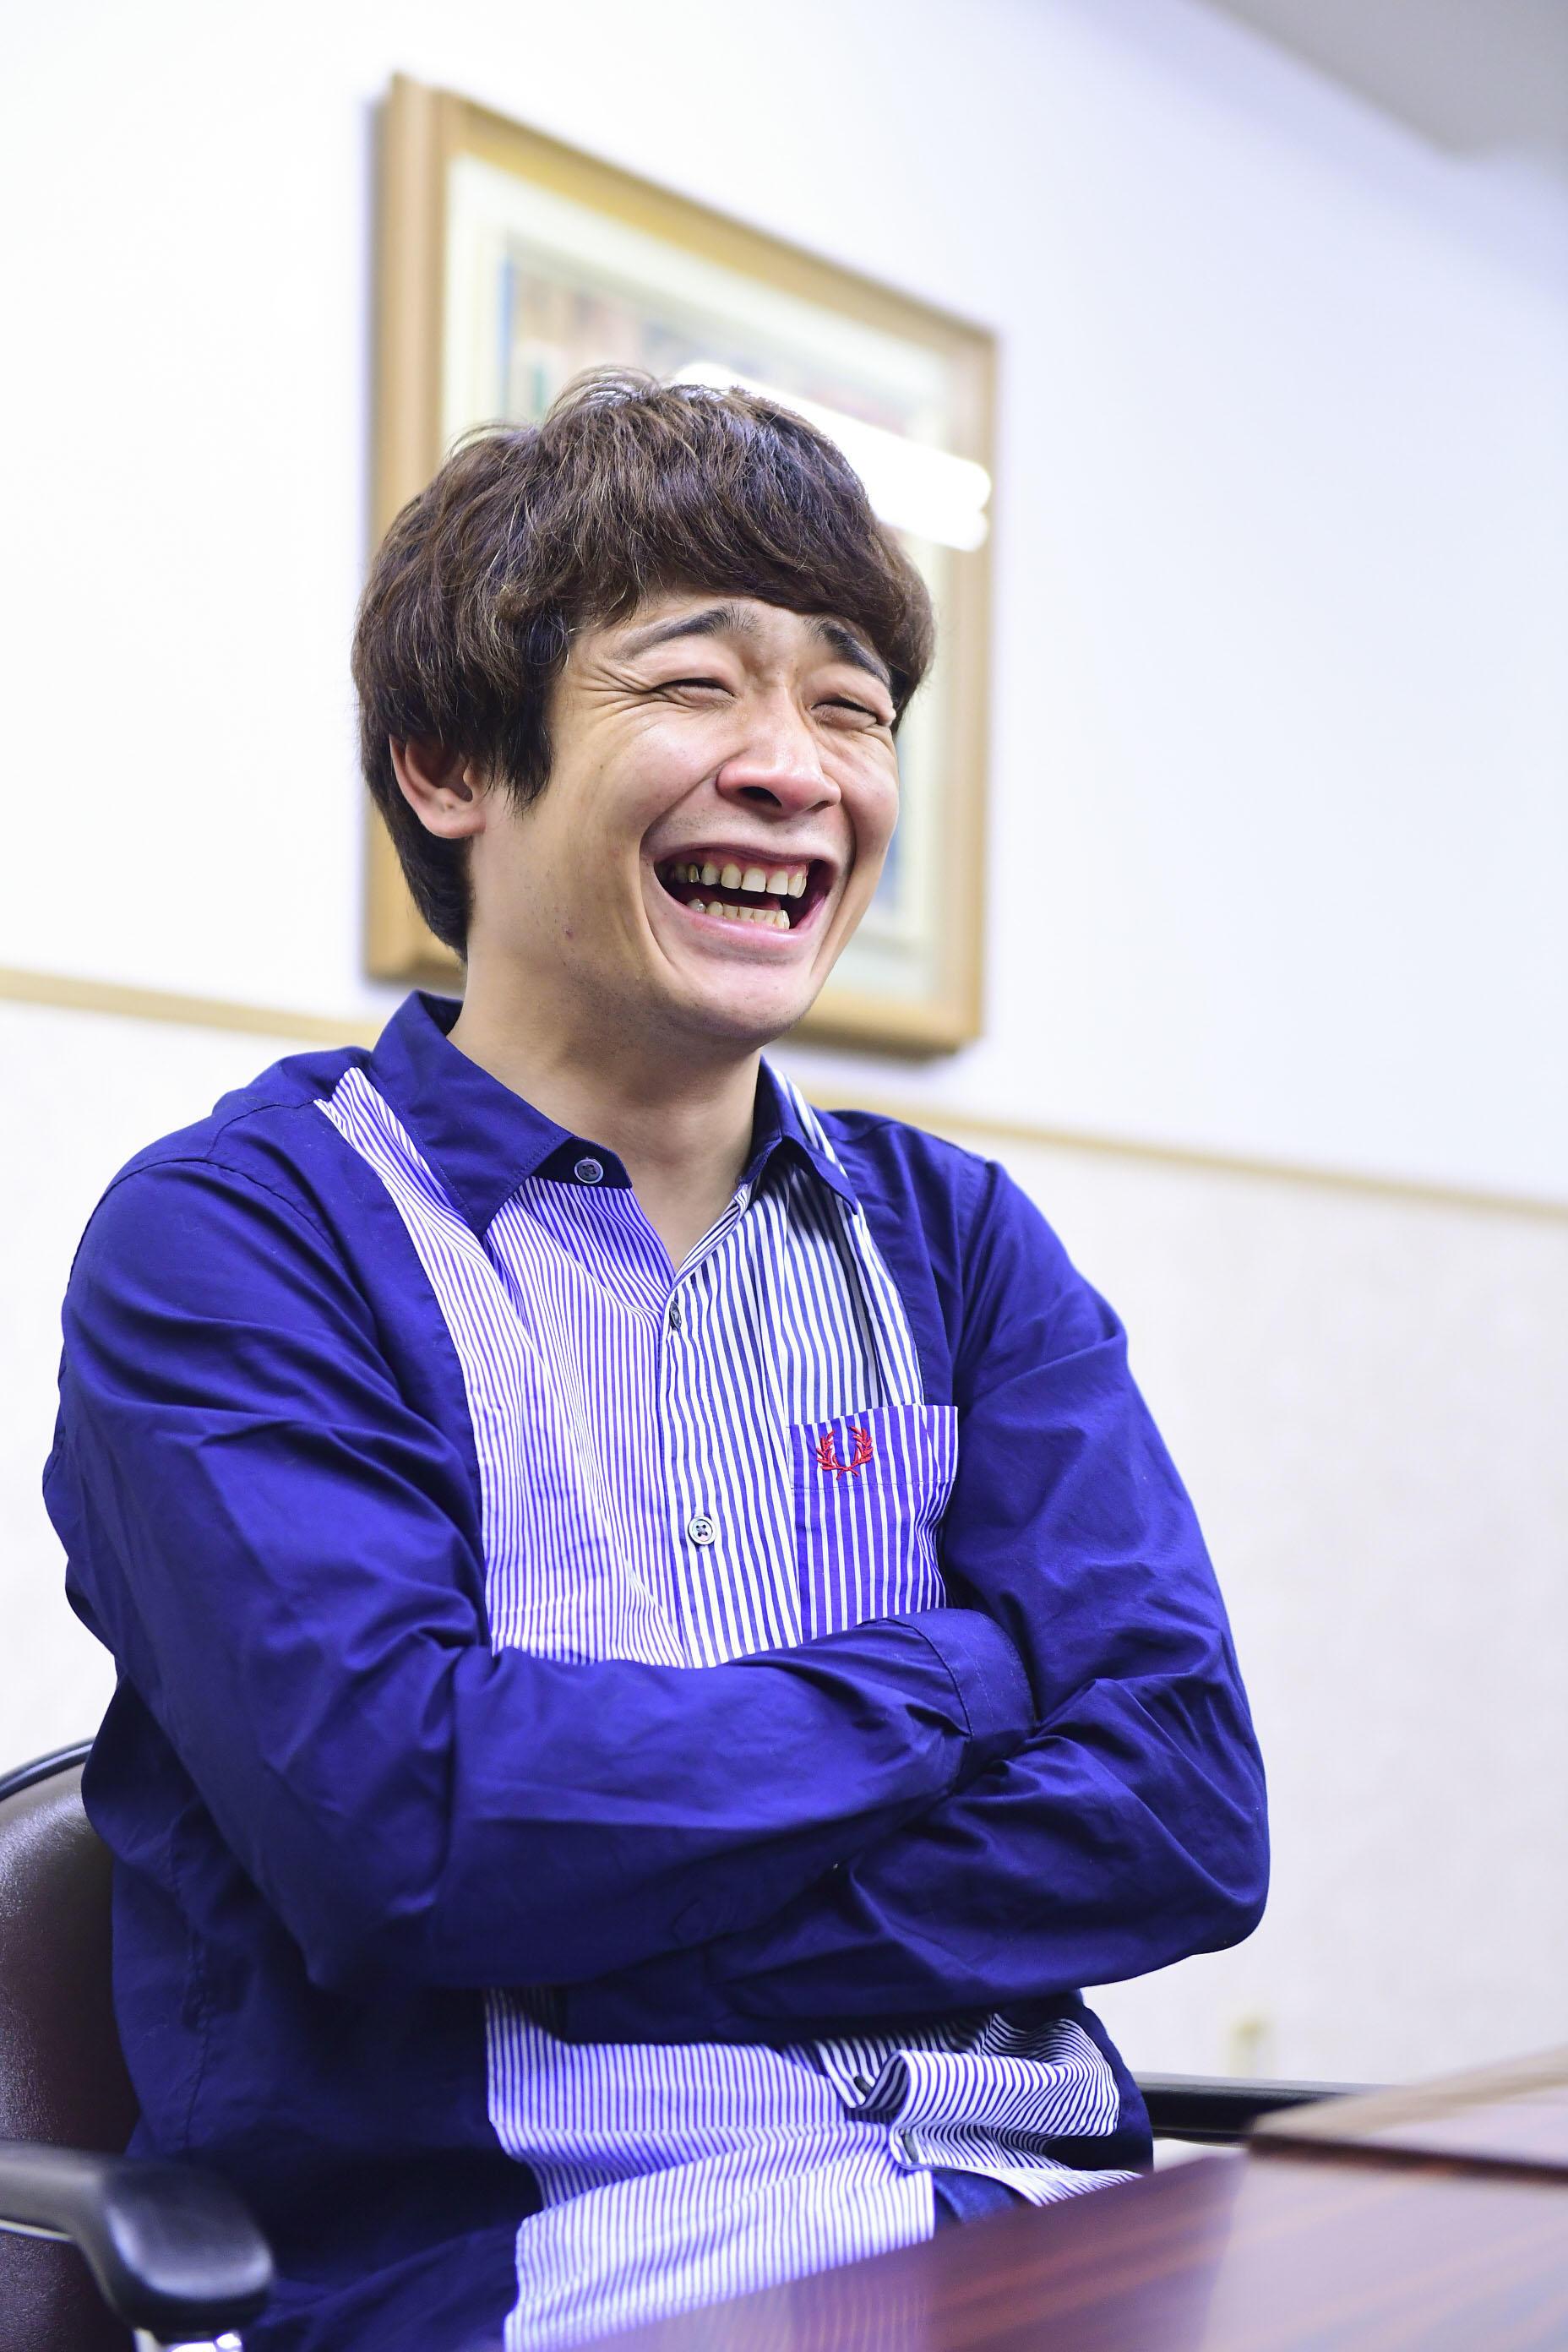 http://news.yoshimoto.co.jp/20171007092927-8858d96b16711cccdadbe9ab7af79fad705d316a.jpg